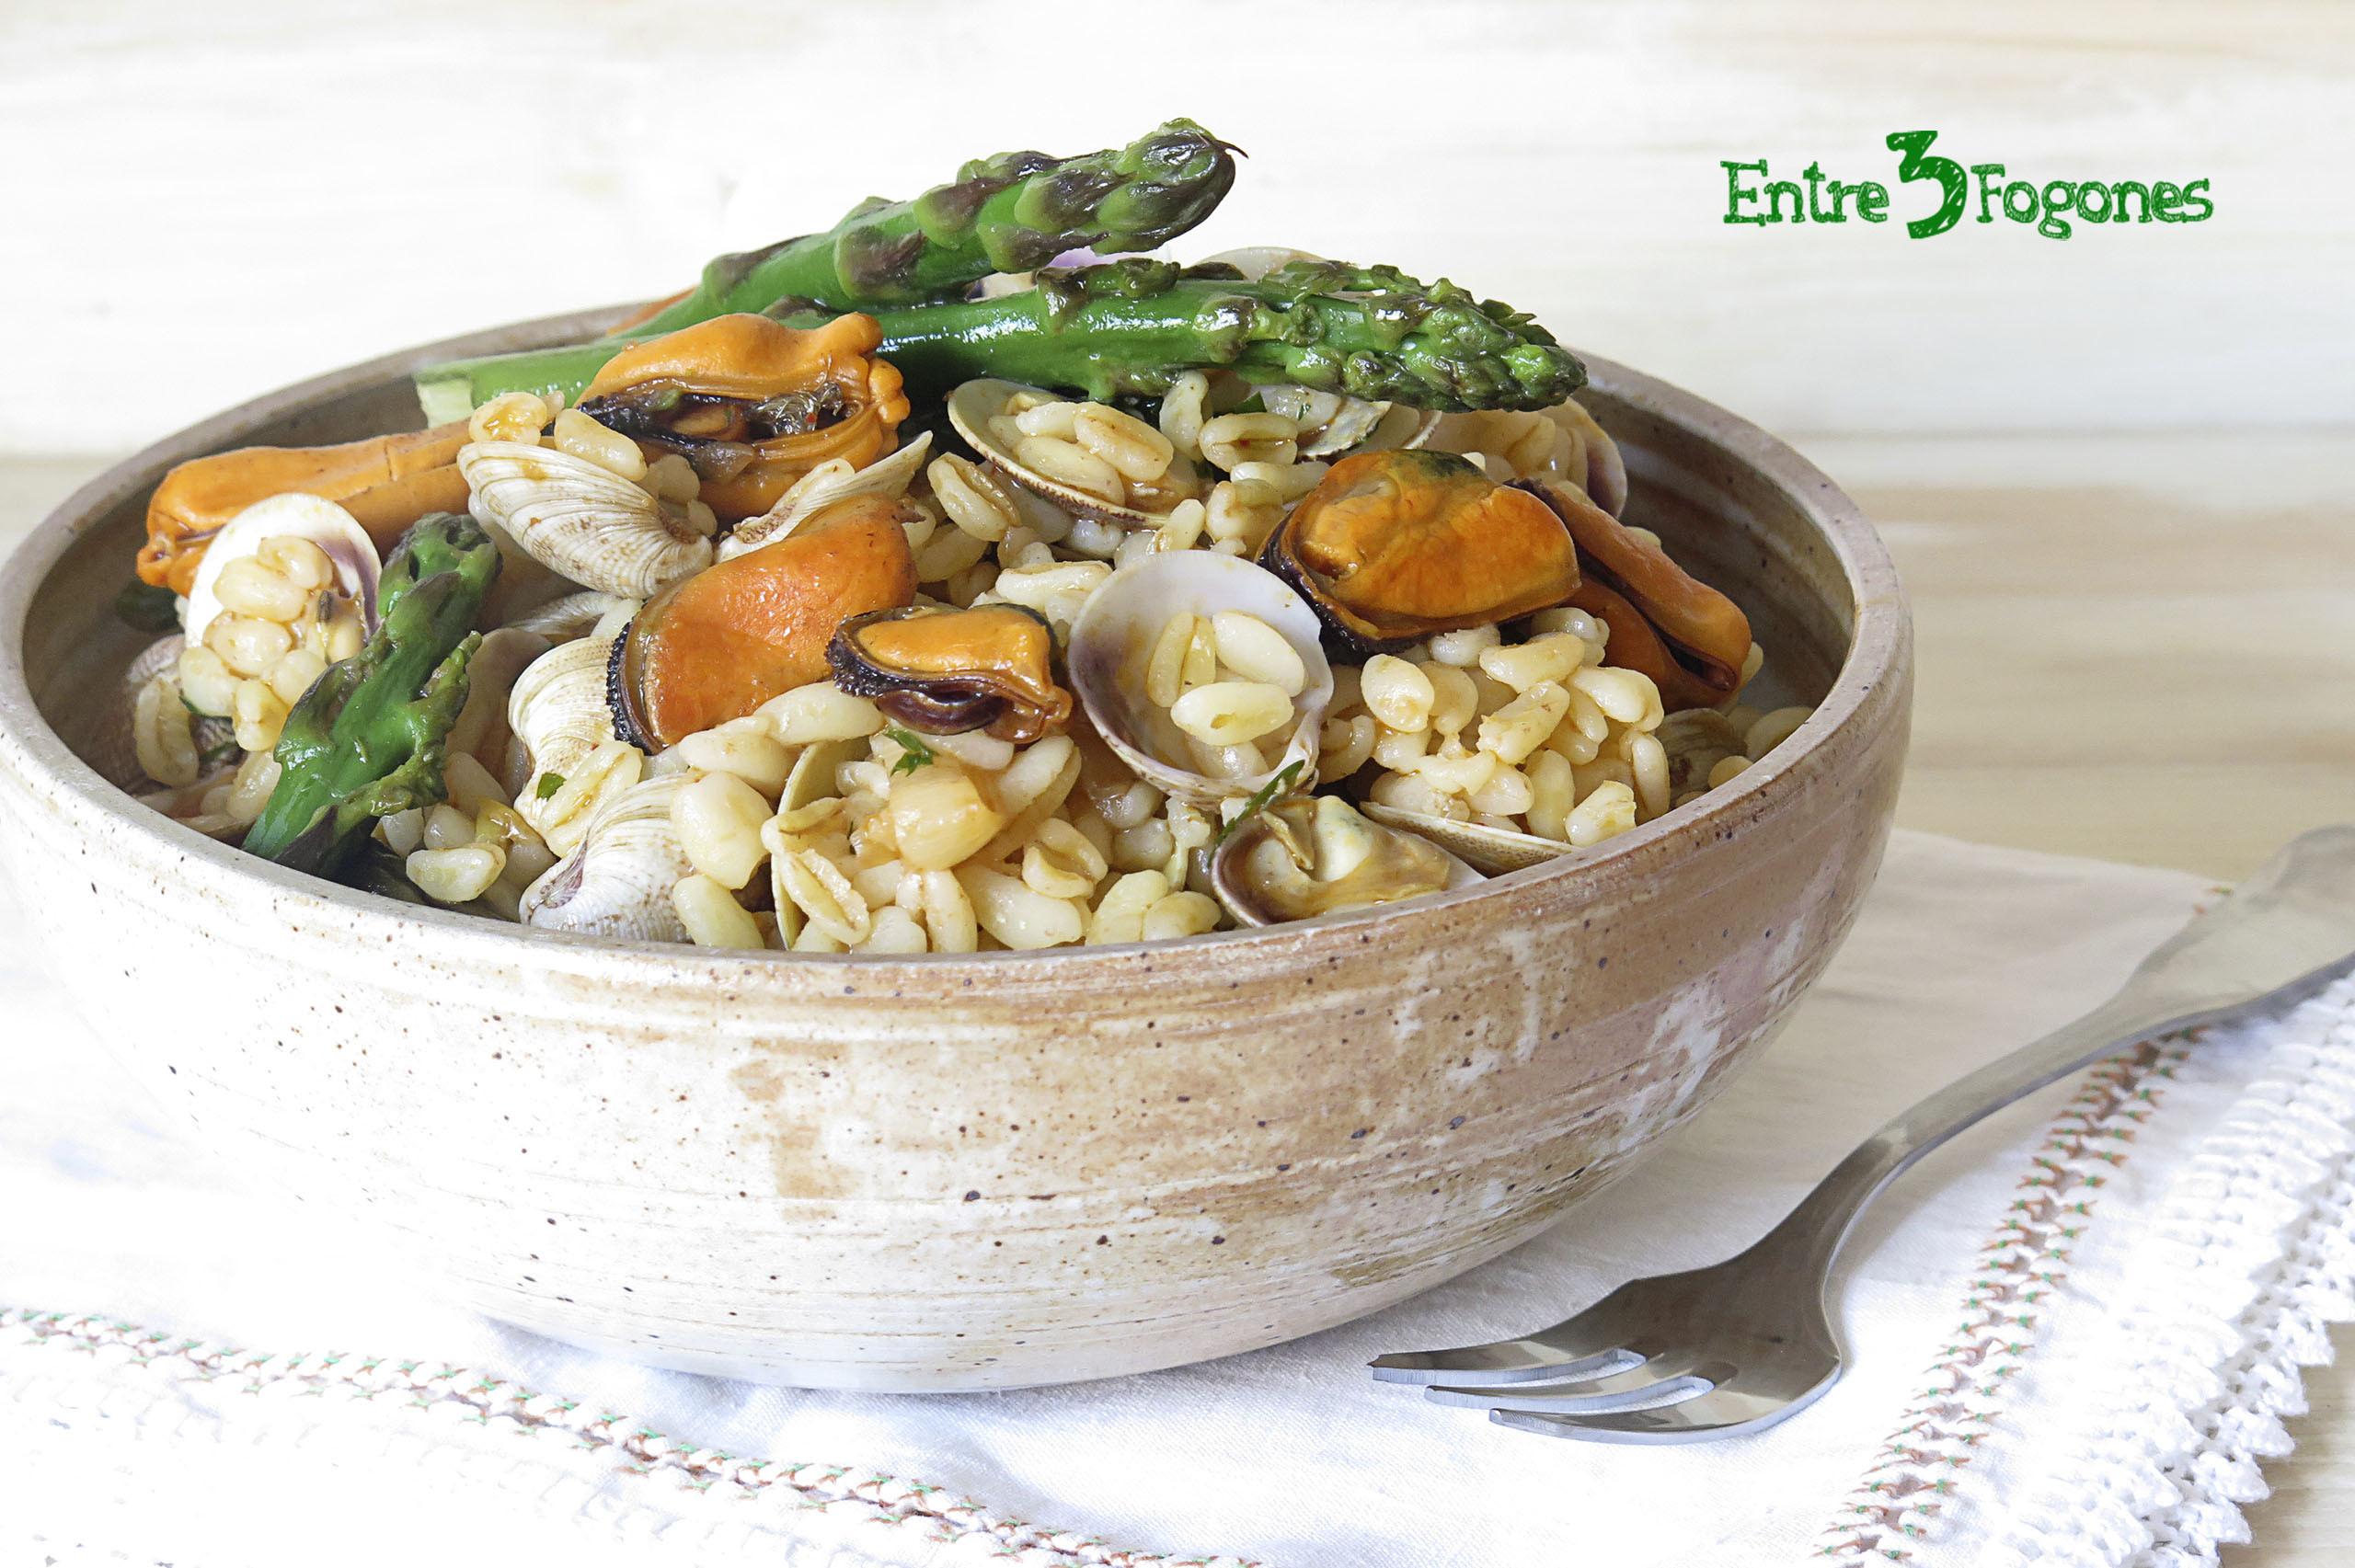 Ensalada de Trigo con Espárragos Verdes y Frutos del Mar